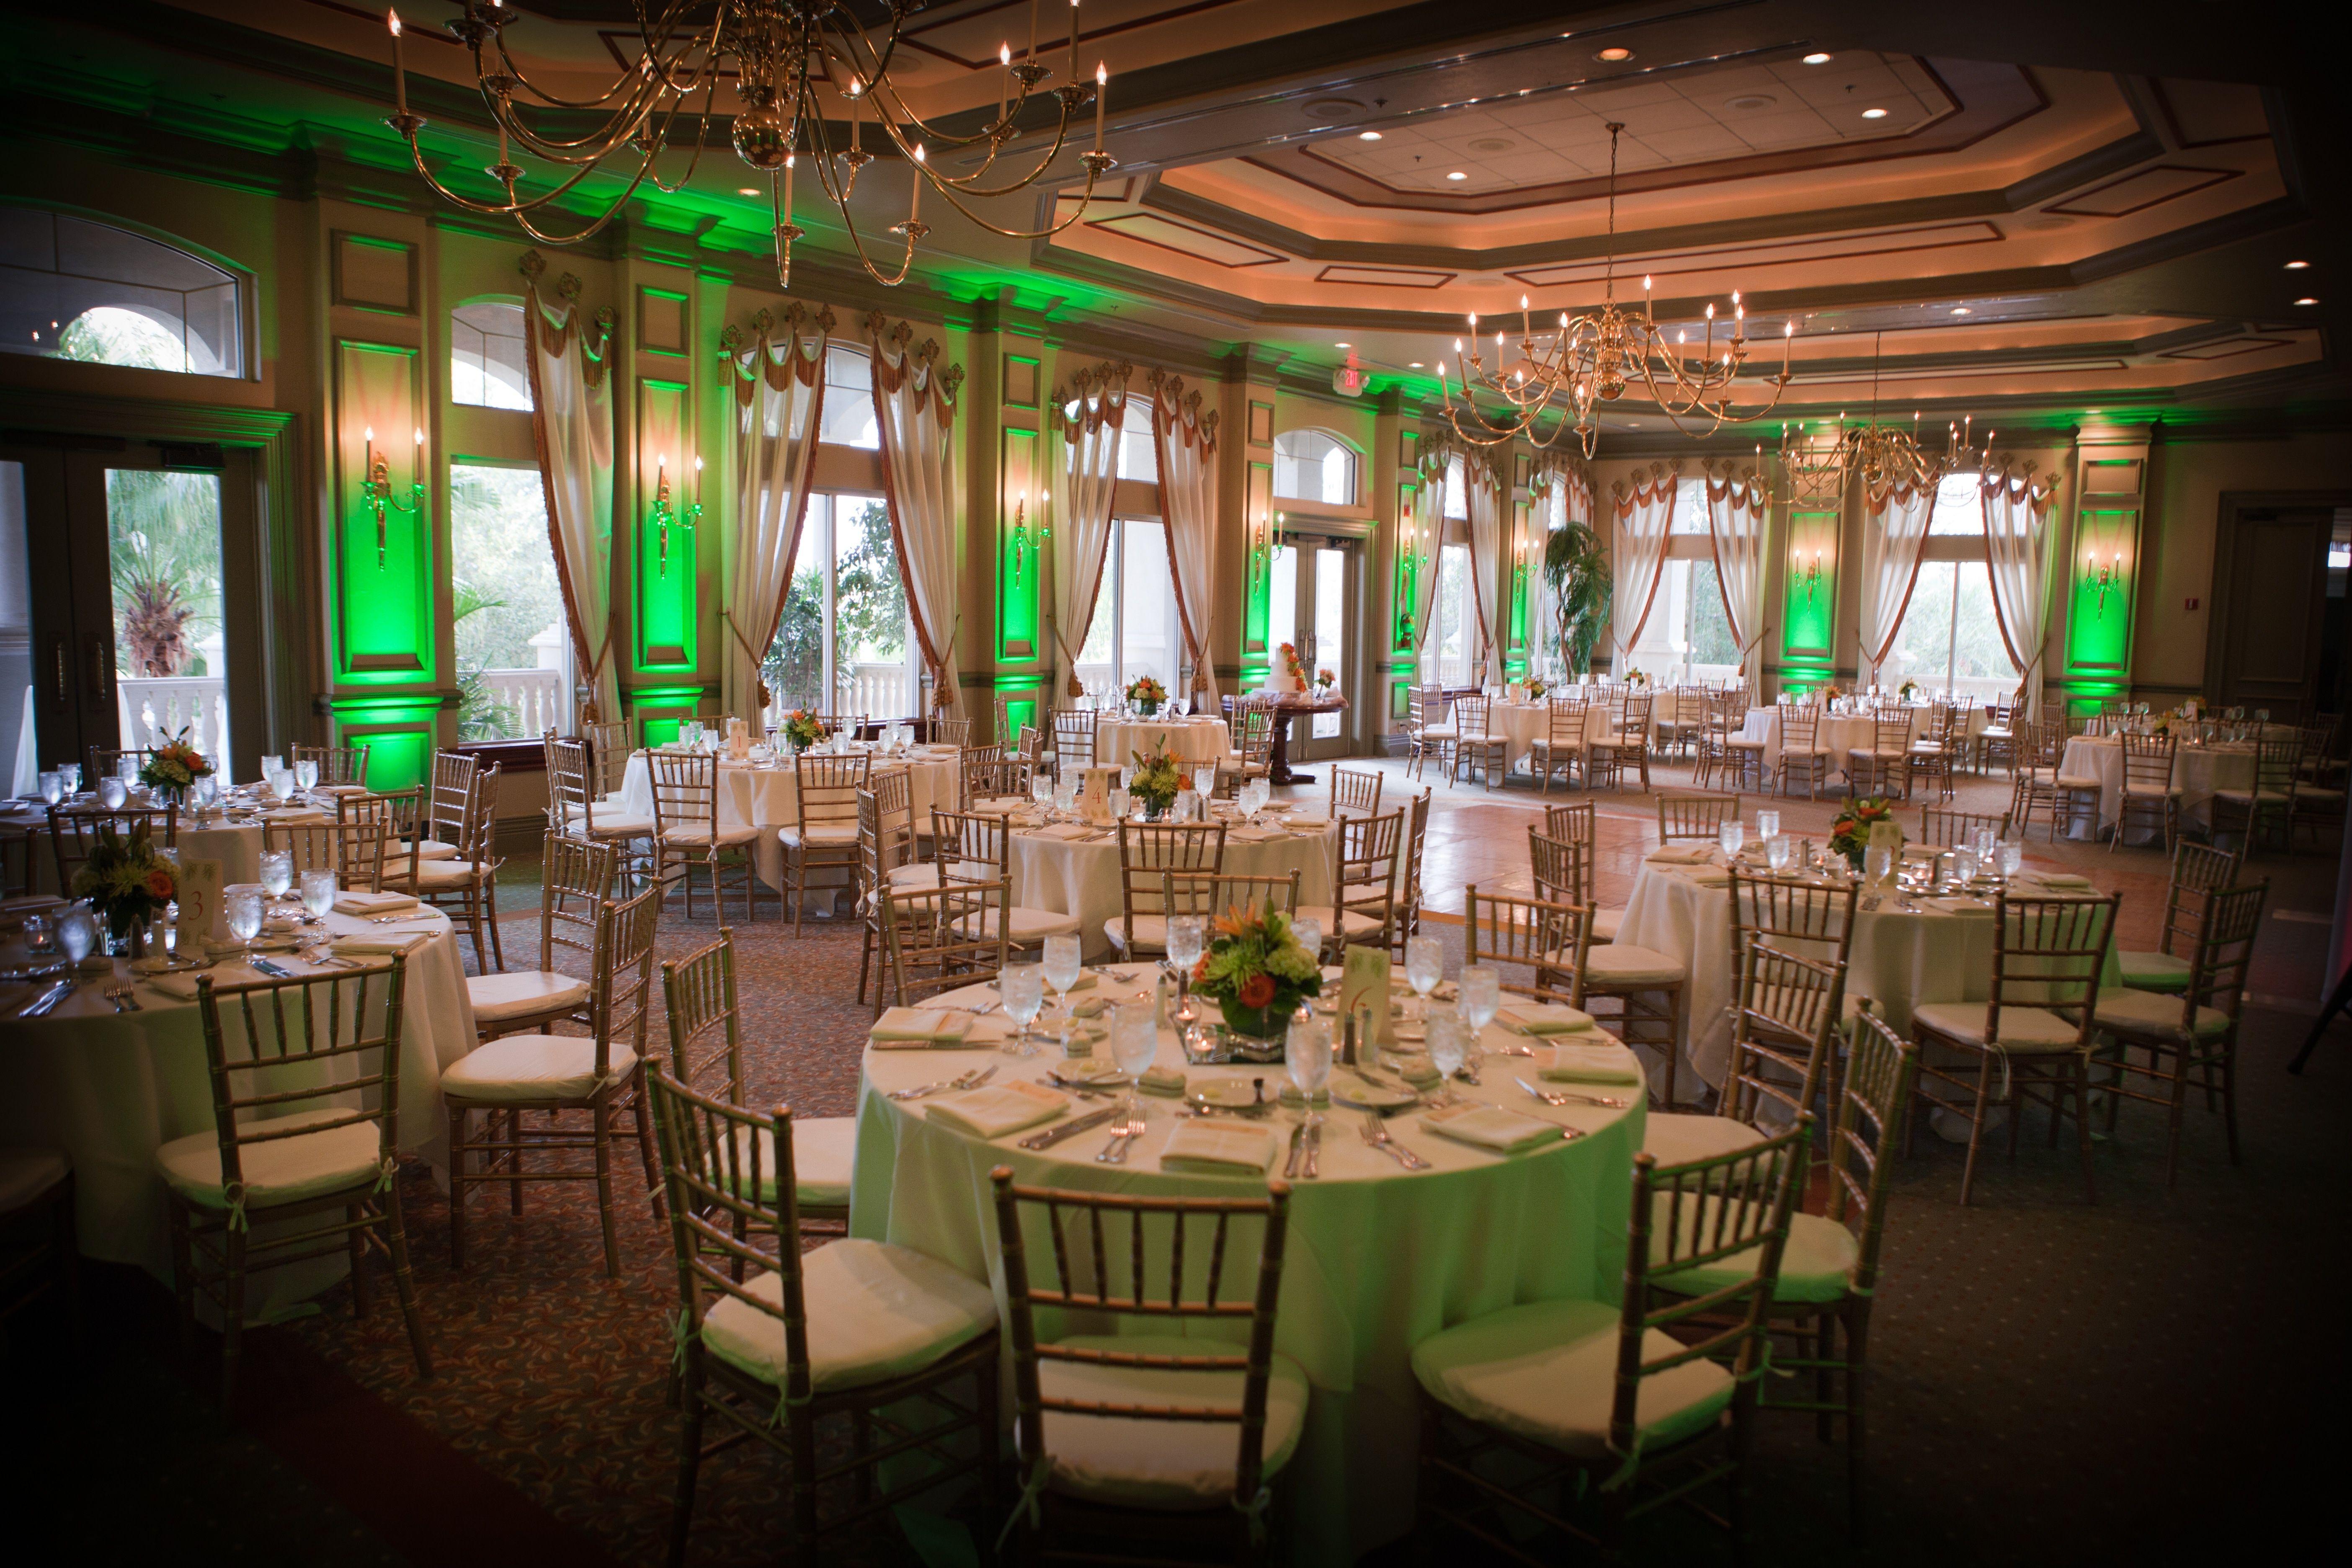 Rent Uplighting Cheap Wedding Lighting Uplighting Diy Wedding Lighting